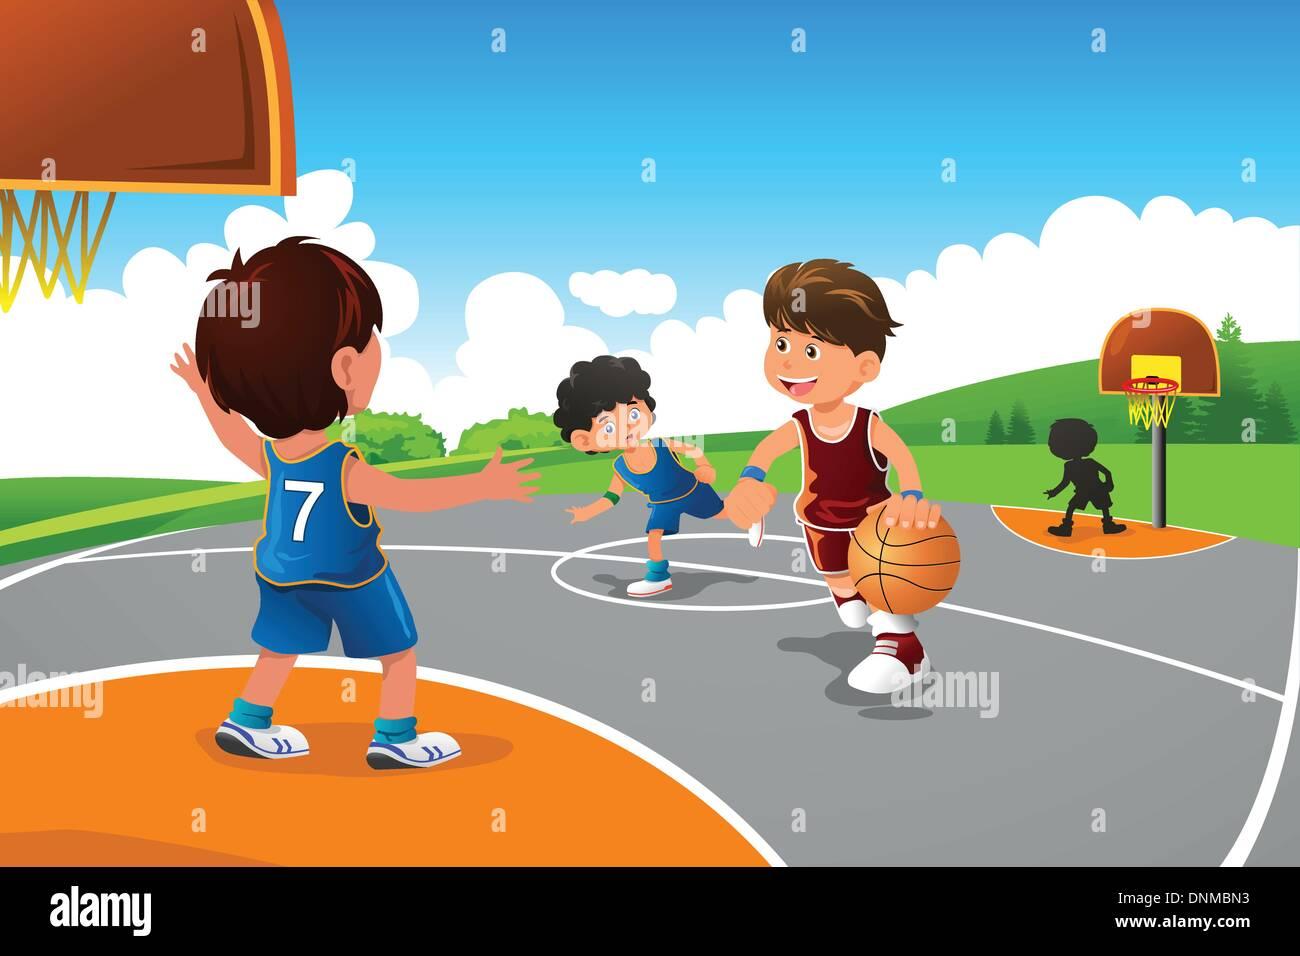 Una Illustrazione Vettoriale Di Ragazzi Che Giocano A Basket In Un